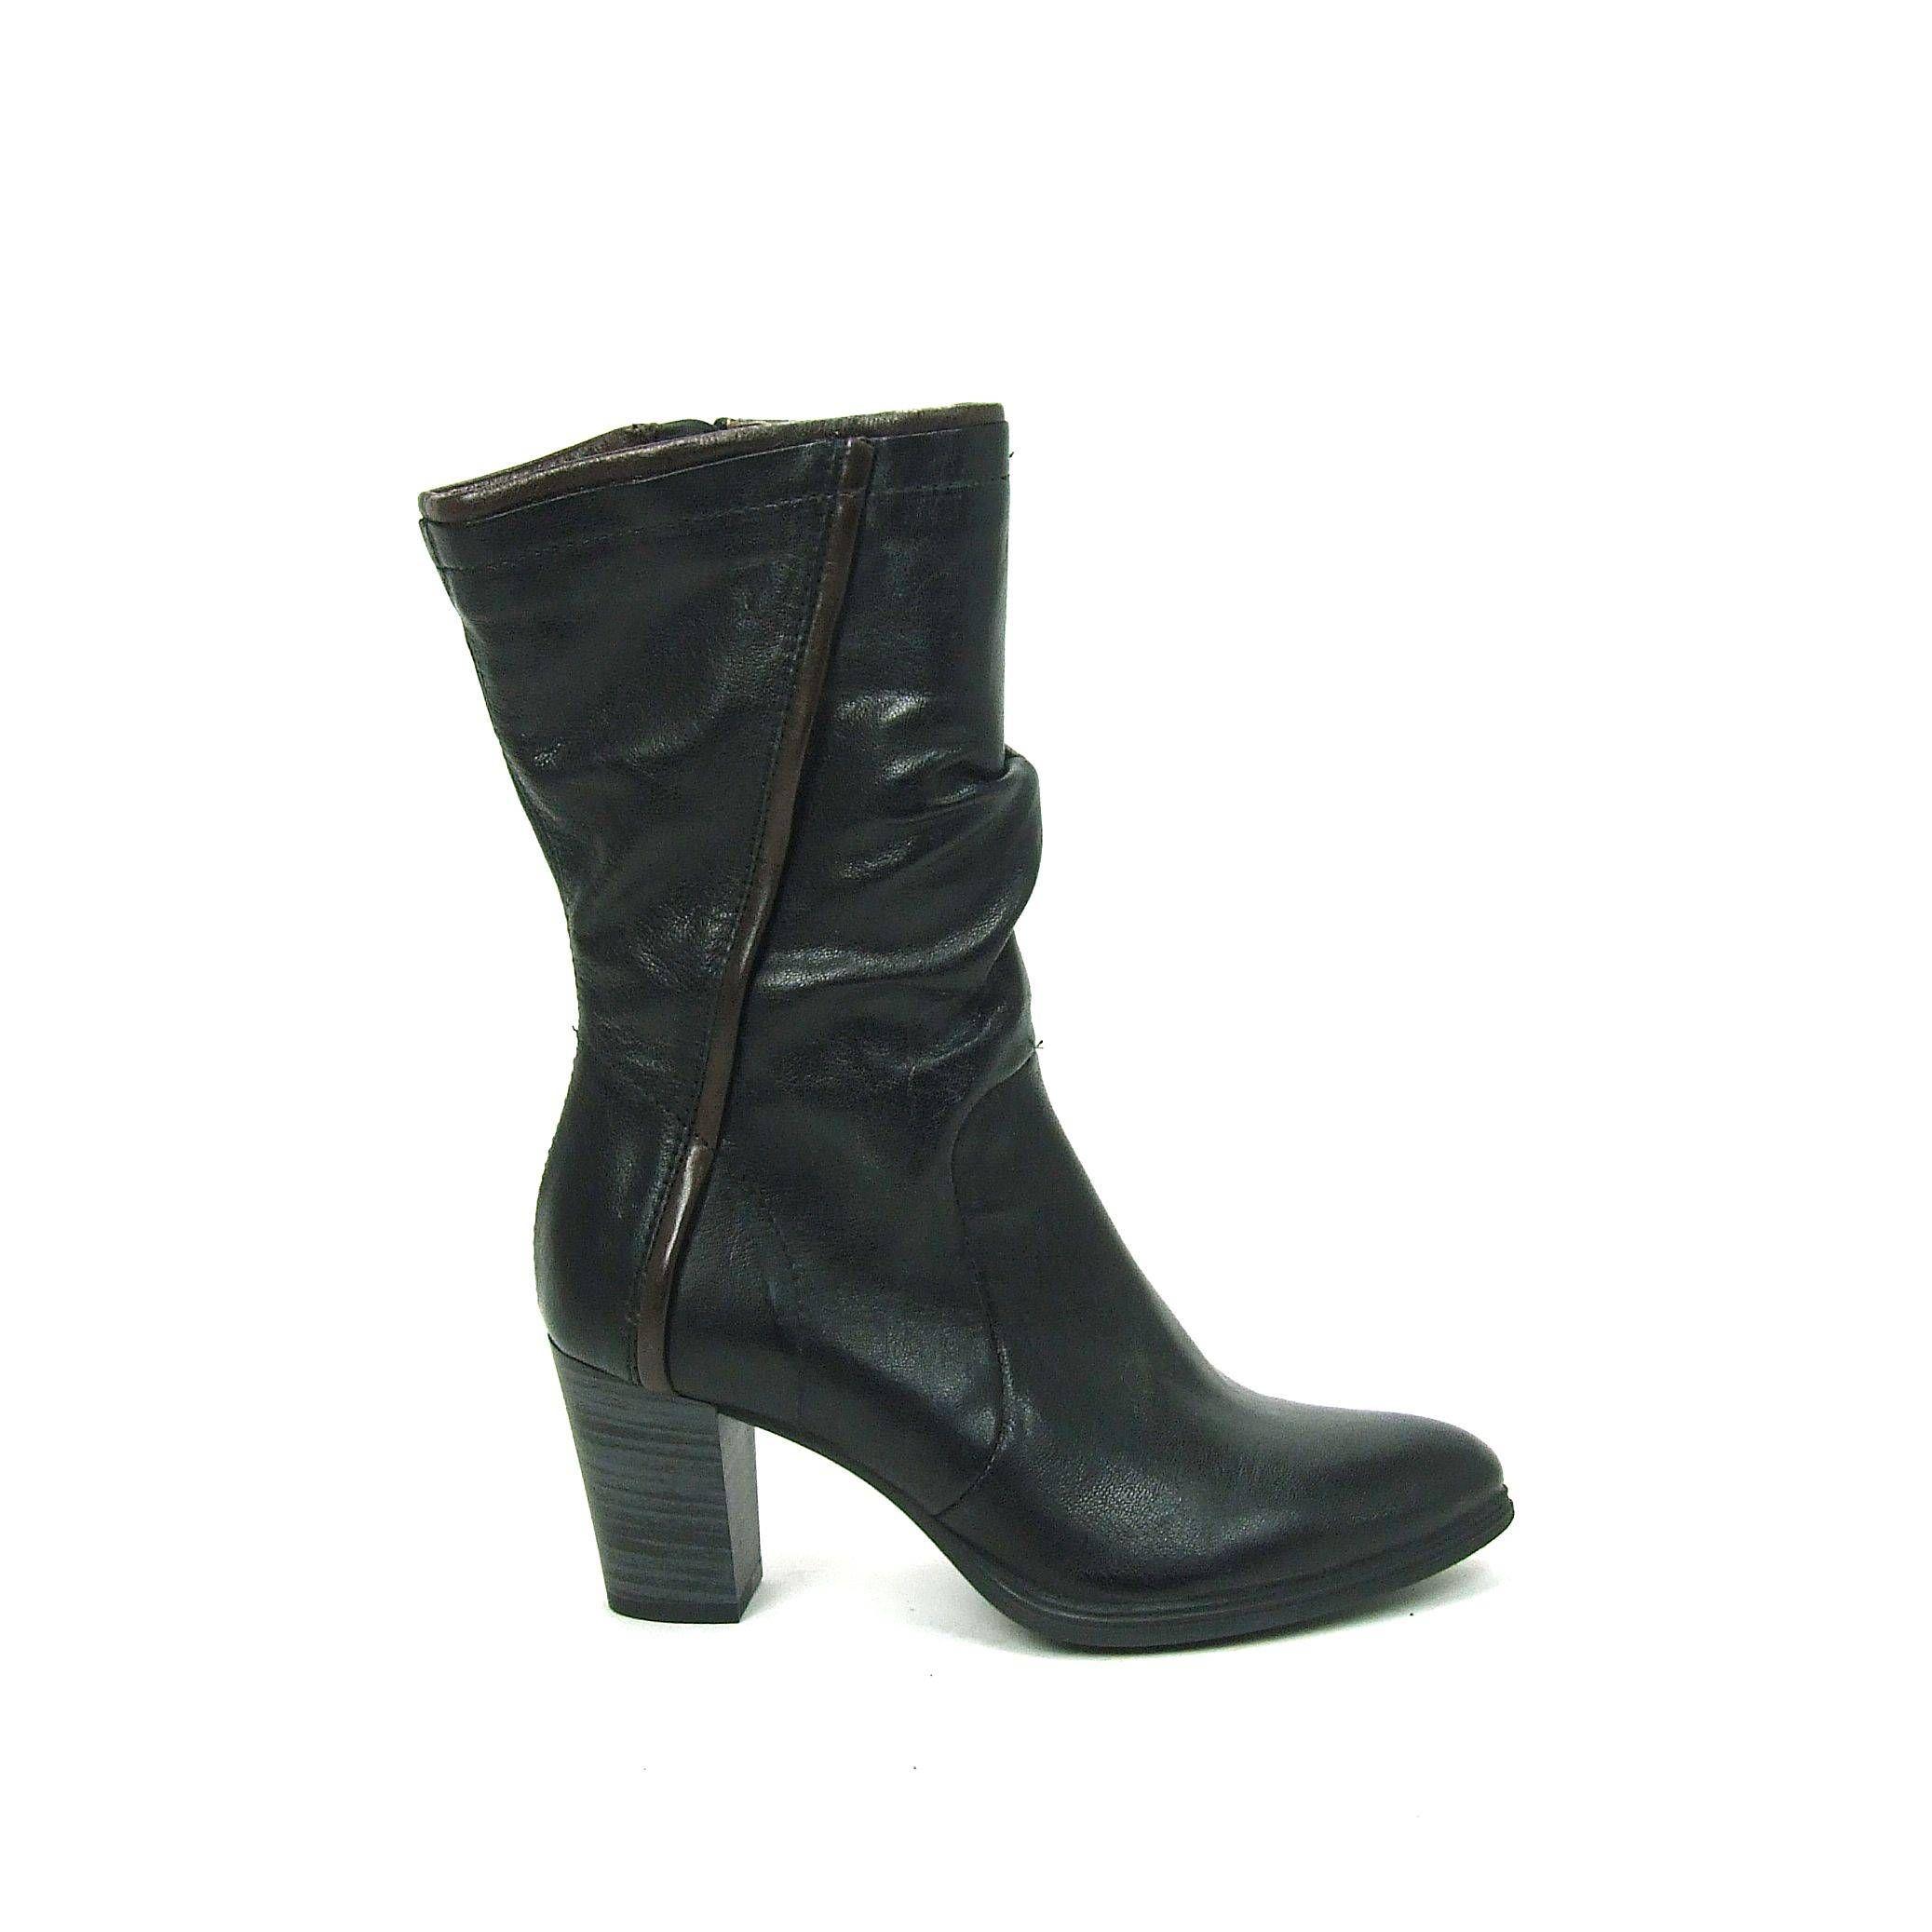 Chaussures Marron Manfield Avec Bloc Poche Talon Pour Dames XbrcJvP